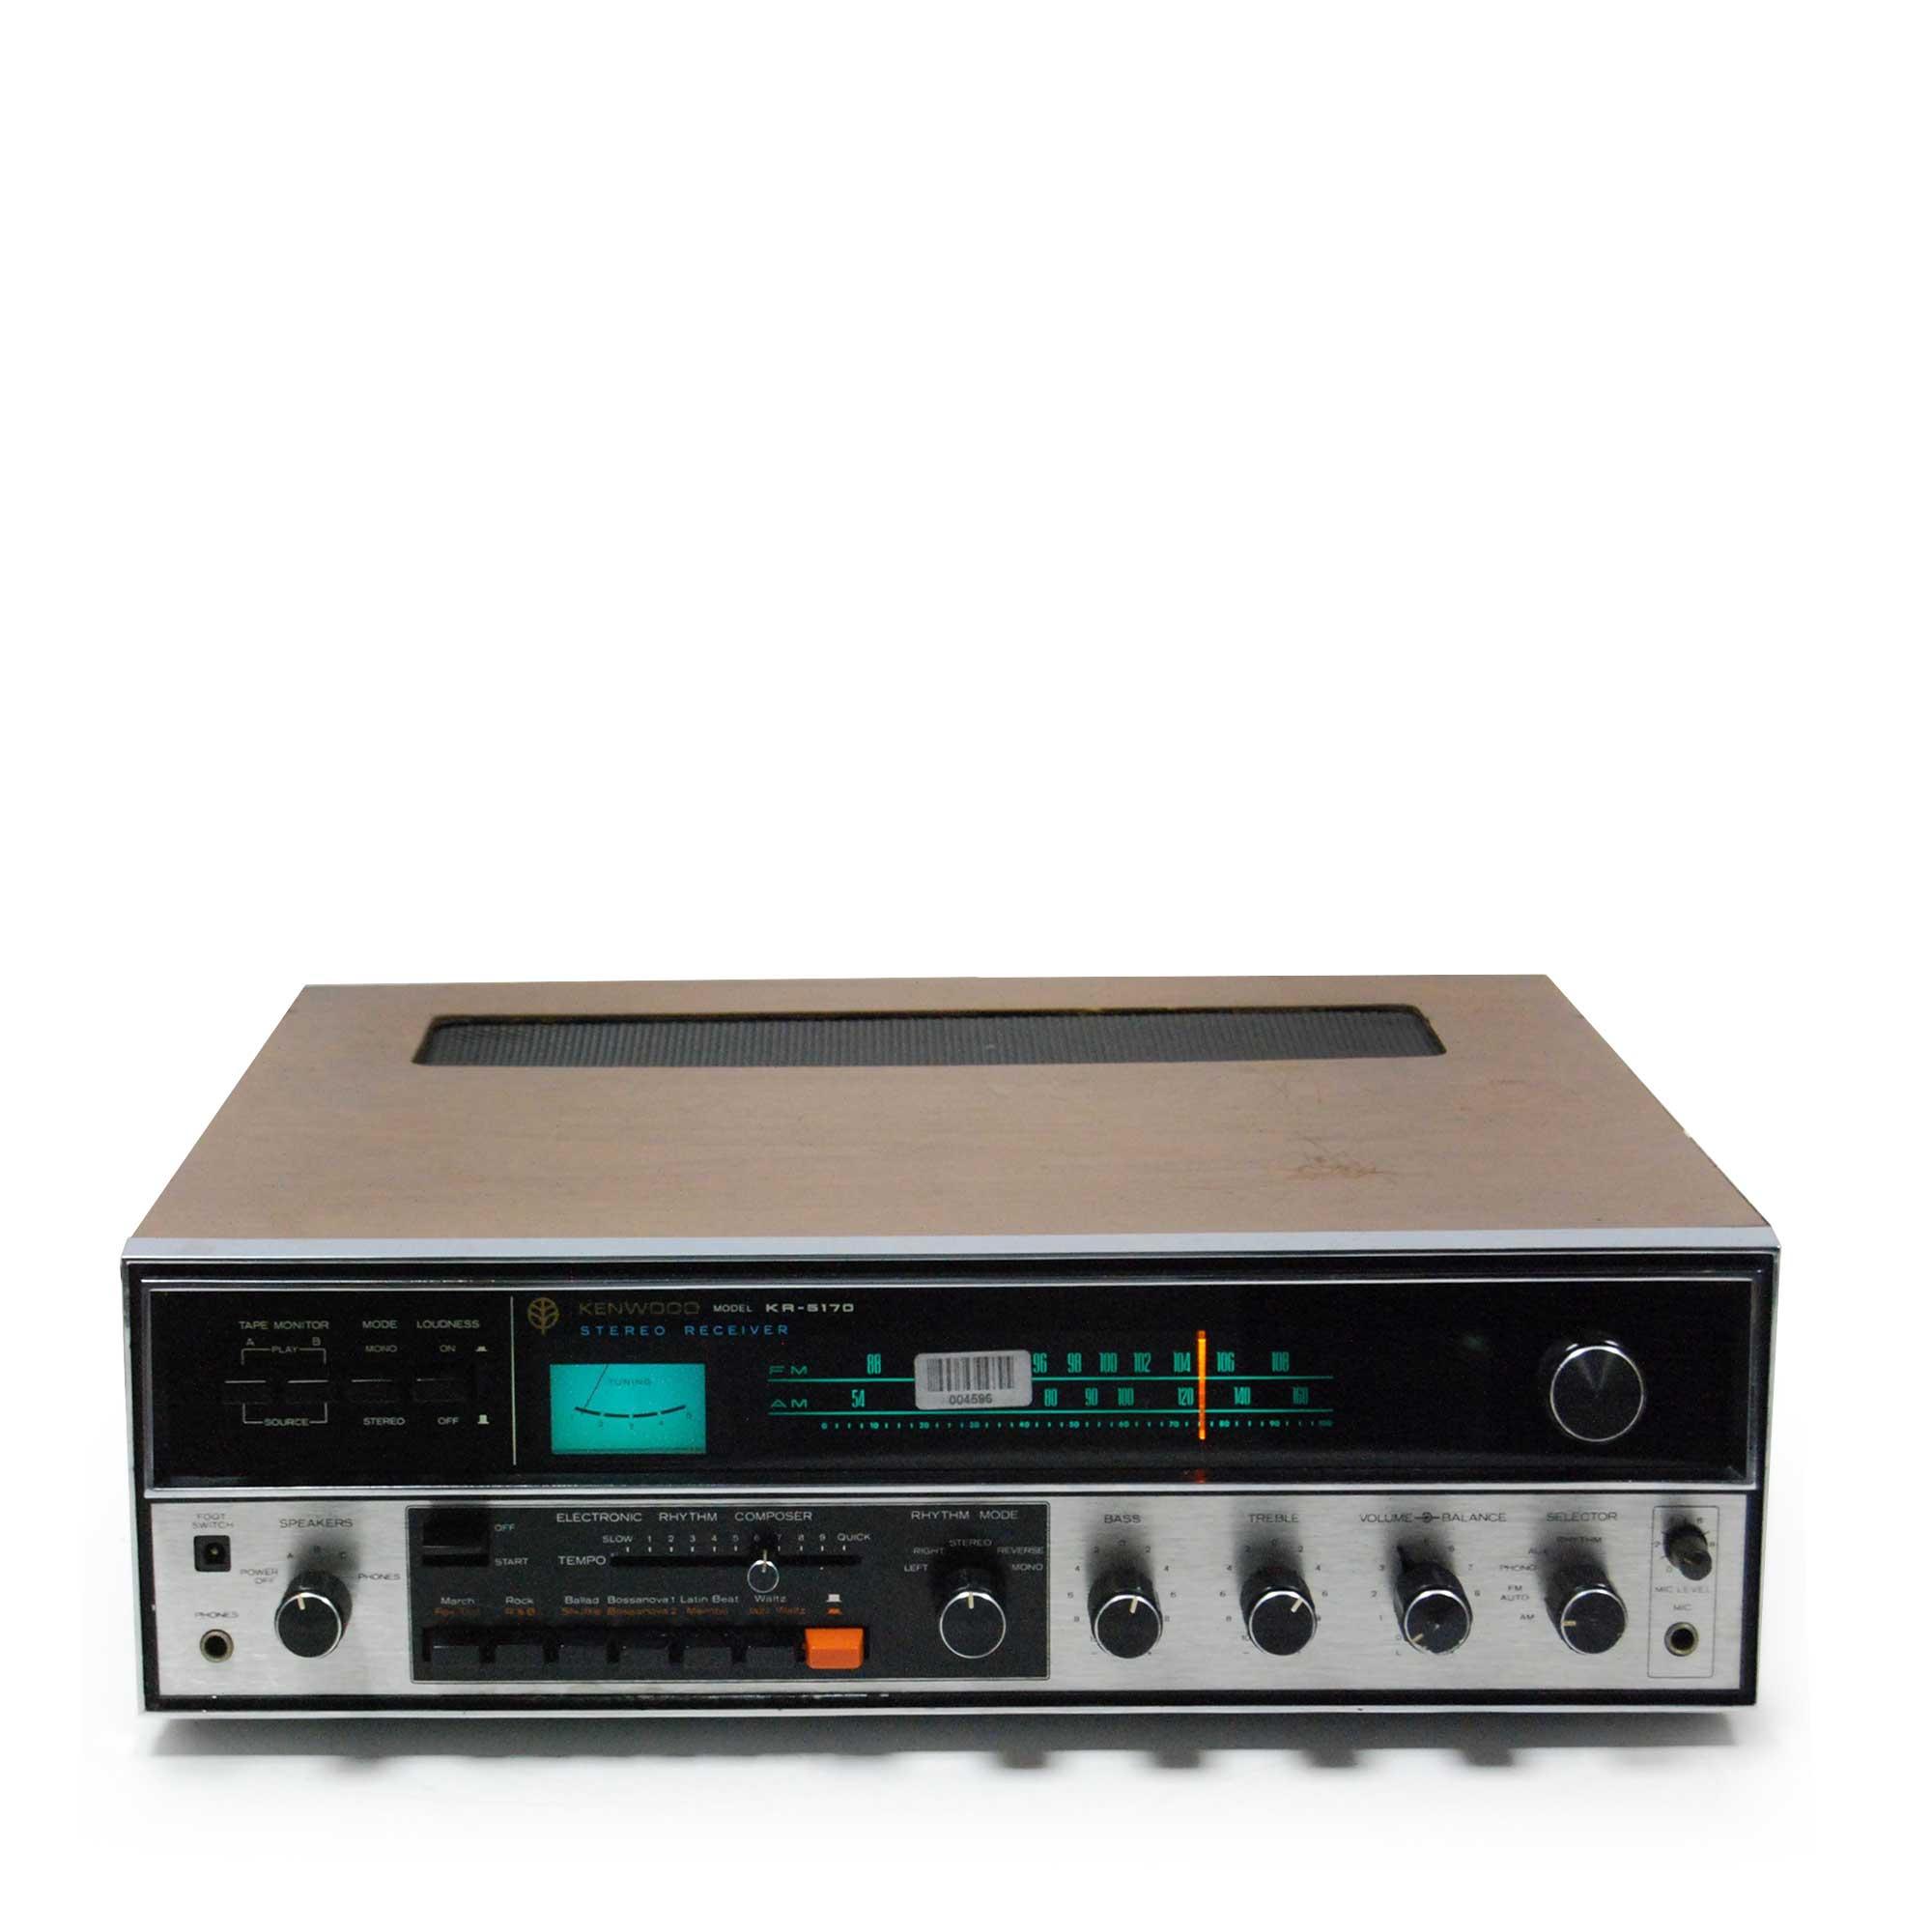 KENWOOD TRIO KR-5170